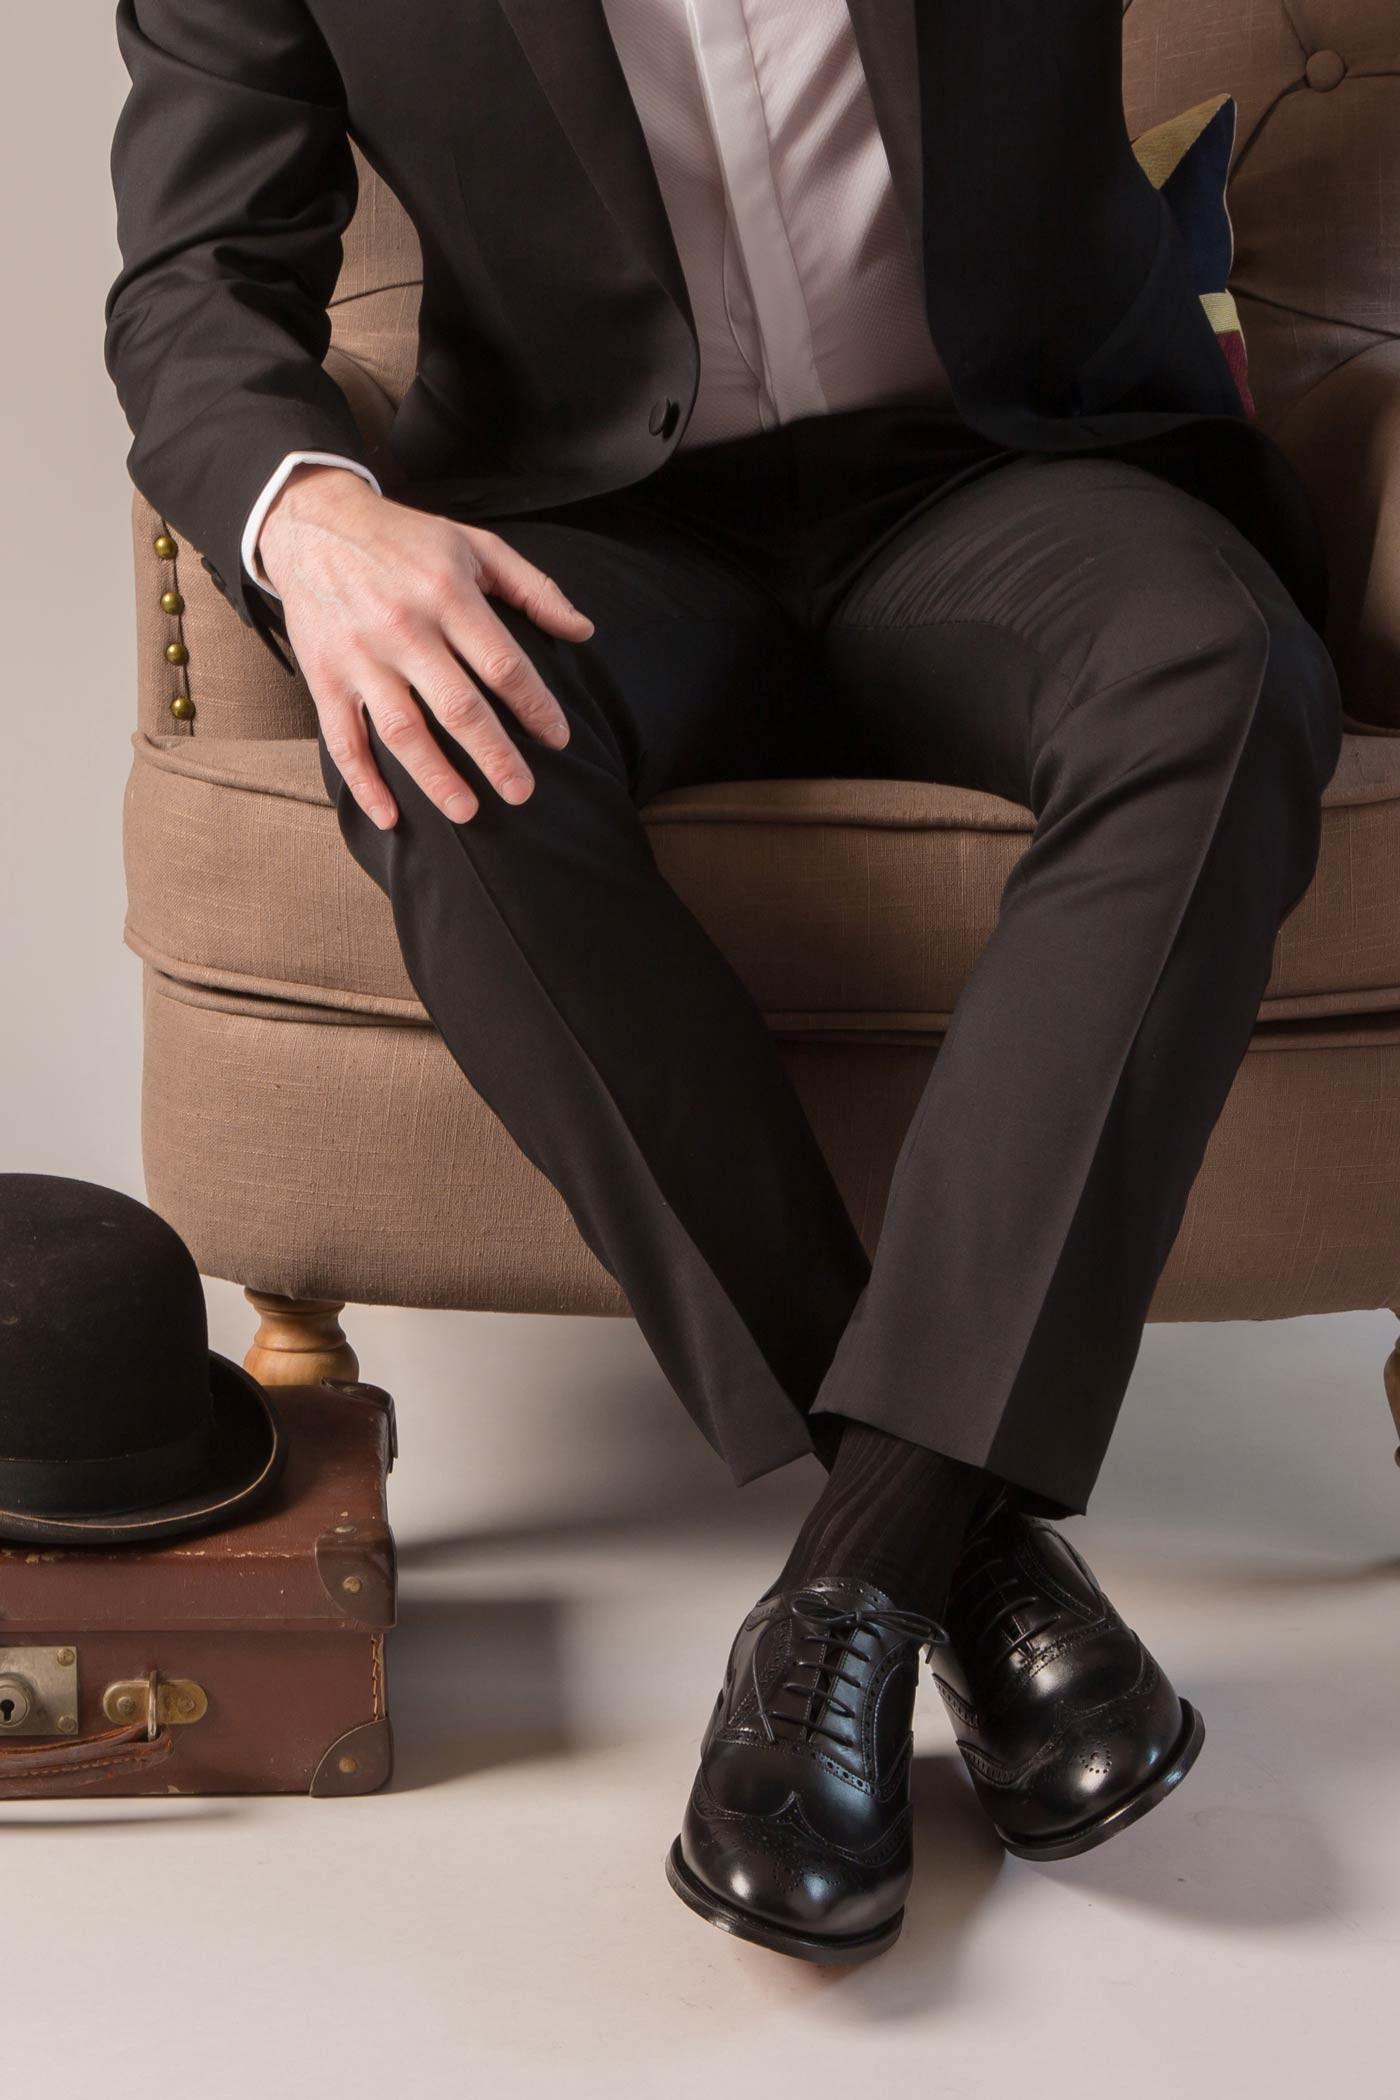 هماهنگی لباس از اصول شیک پوشی